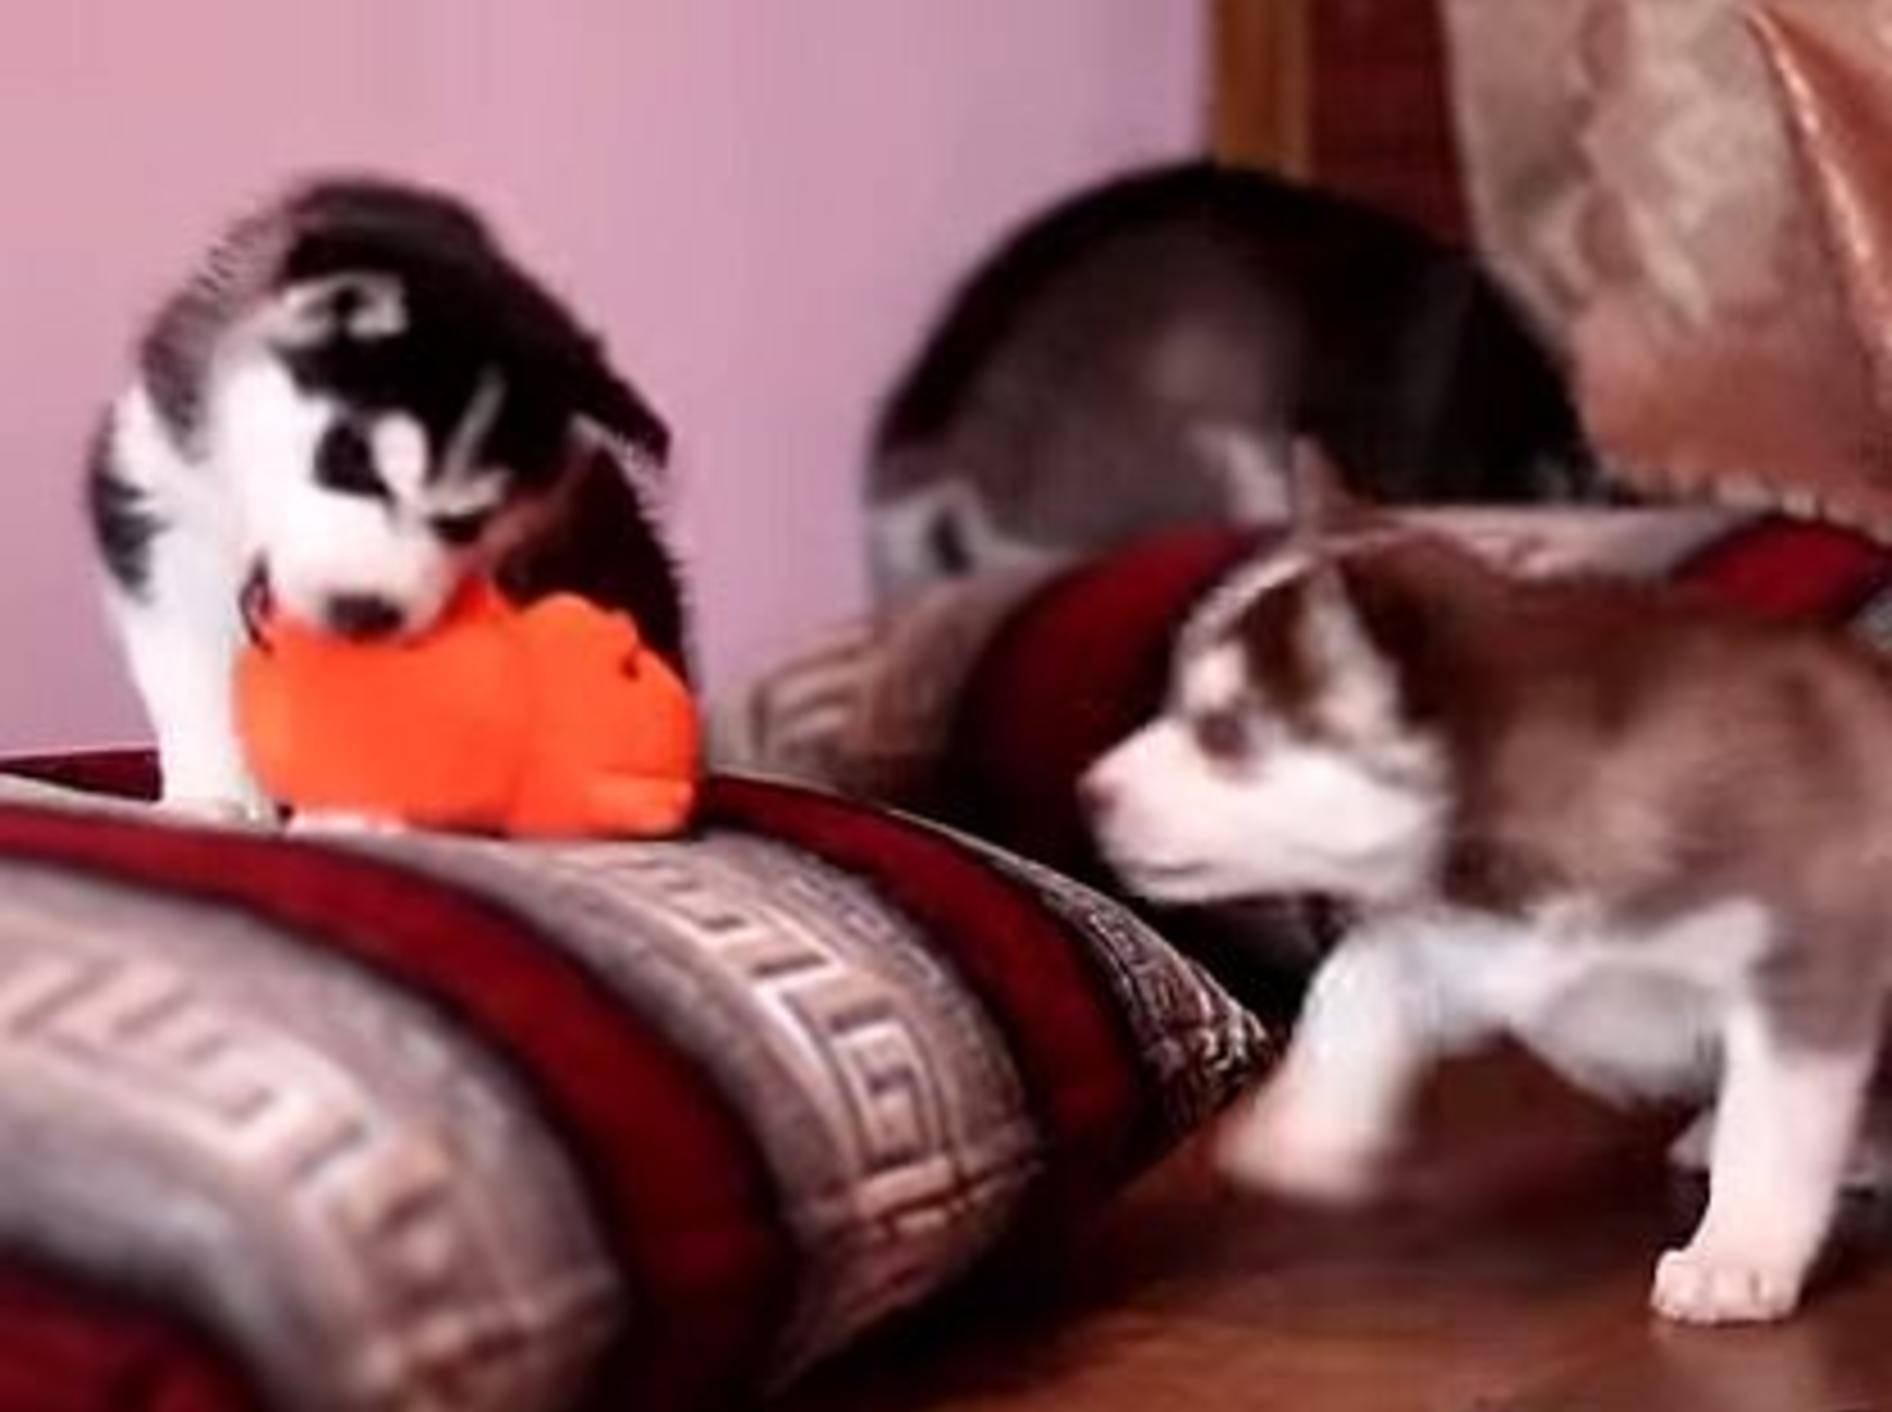 Vier kleine Huskys, ein Spielzeug – wer bekommt's? – Bild: Youtube / Miss Aww